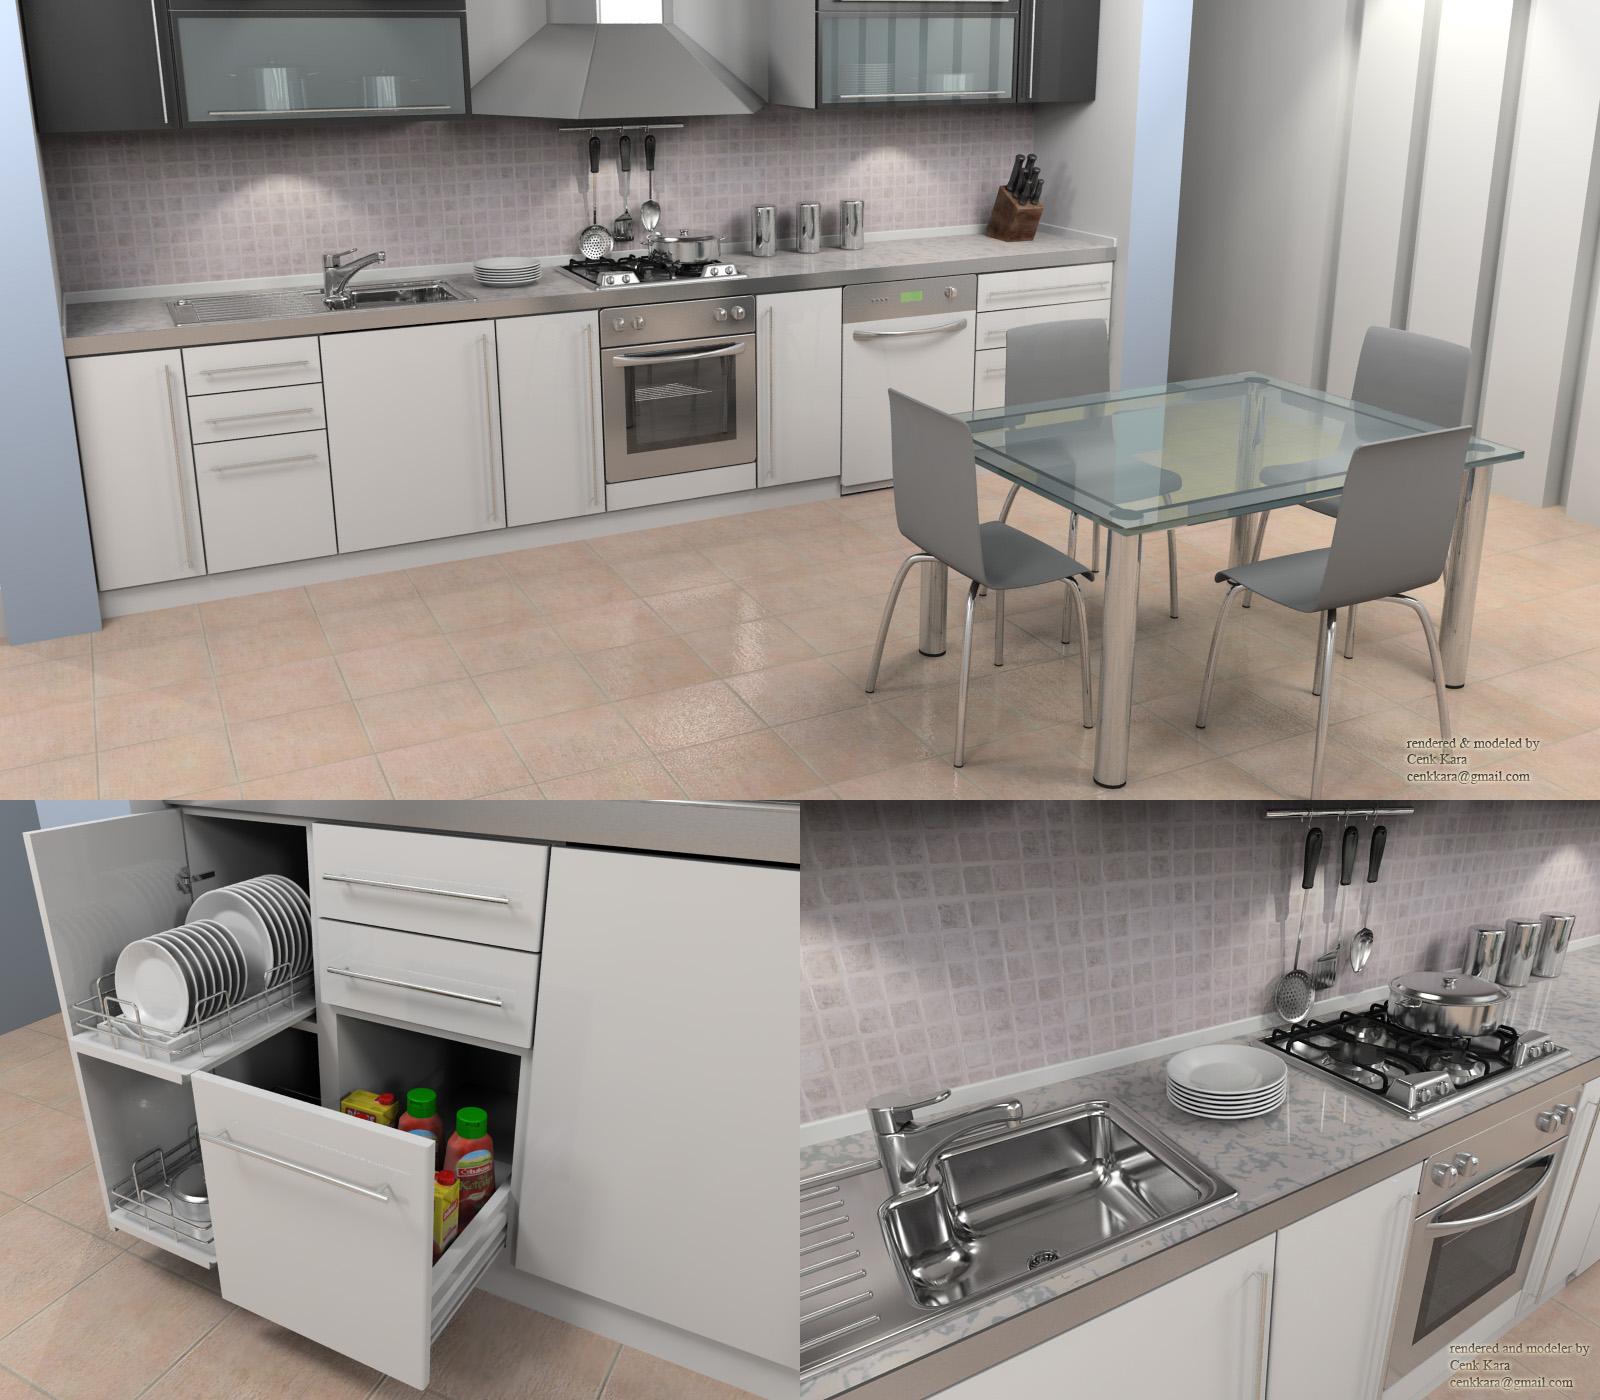 Kitchen Design Rendering: Kitchen Render 01 By Cenkkara On DeviantArt